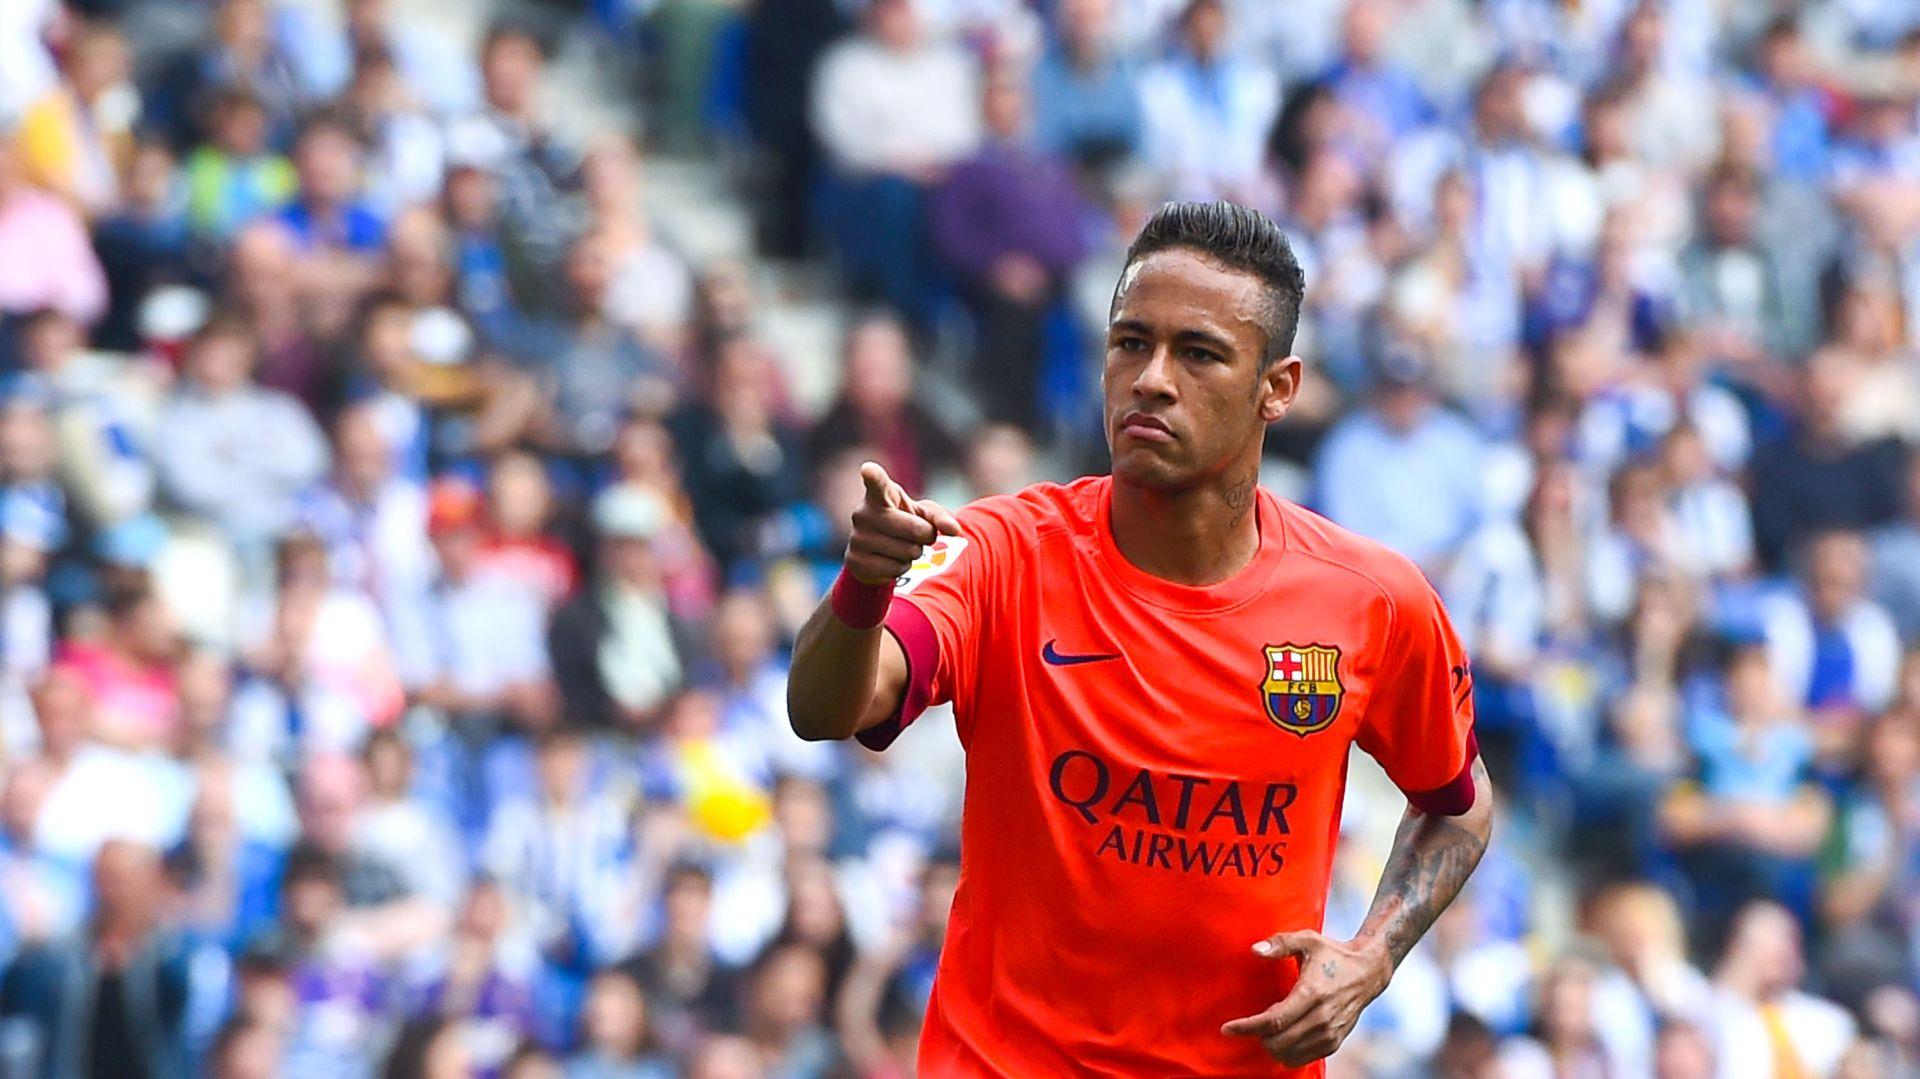 FOTO: VRAĆA SE ZA DVA TJEDNA Pogledajte što su zaušnjaci napravili Neymaru